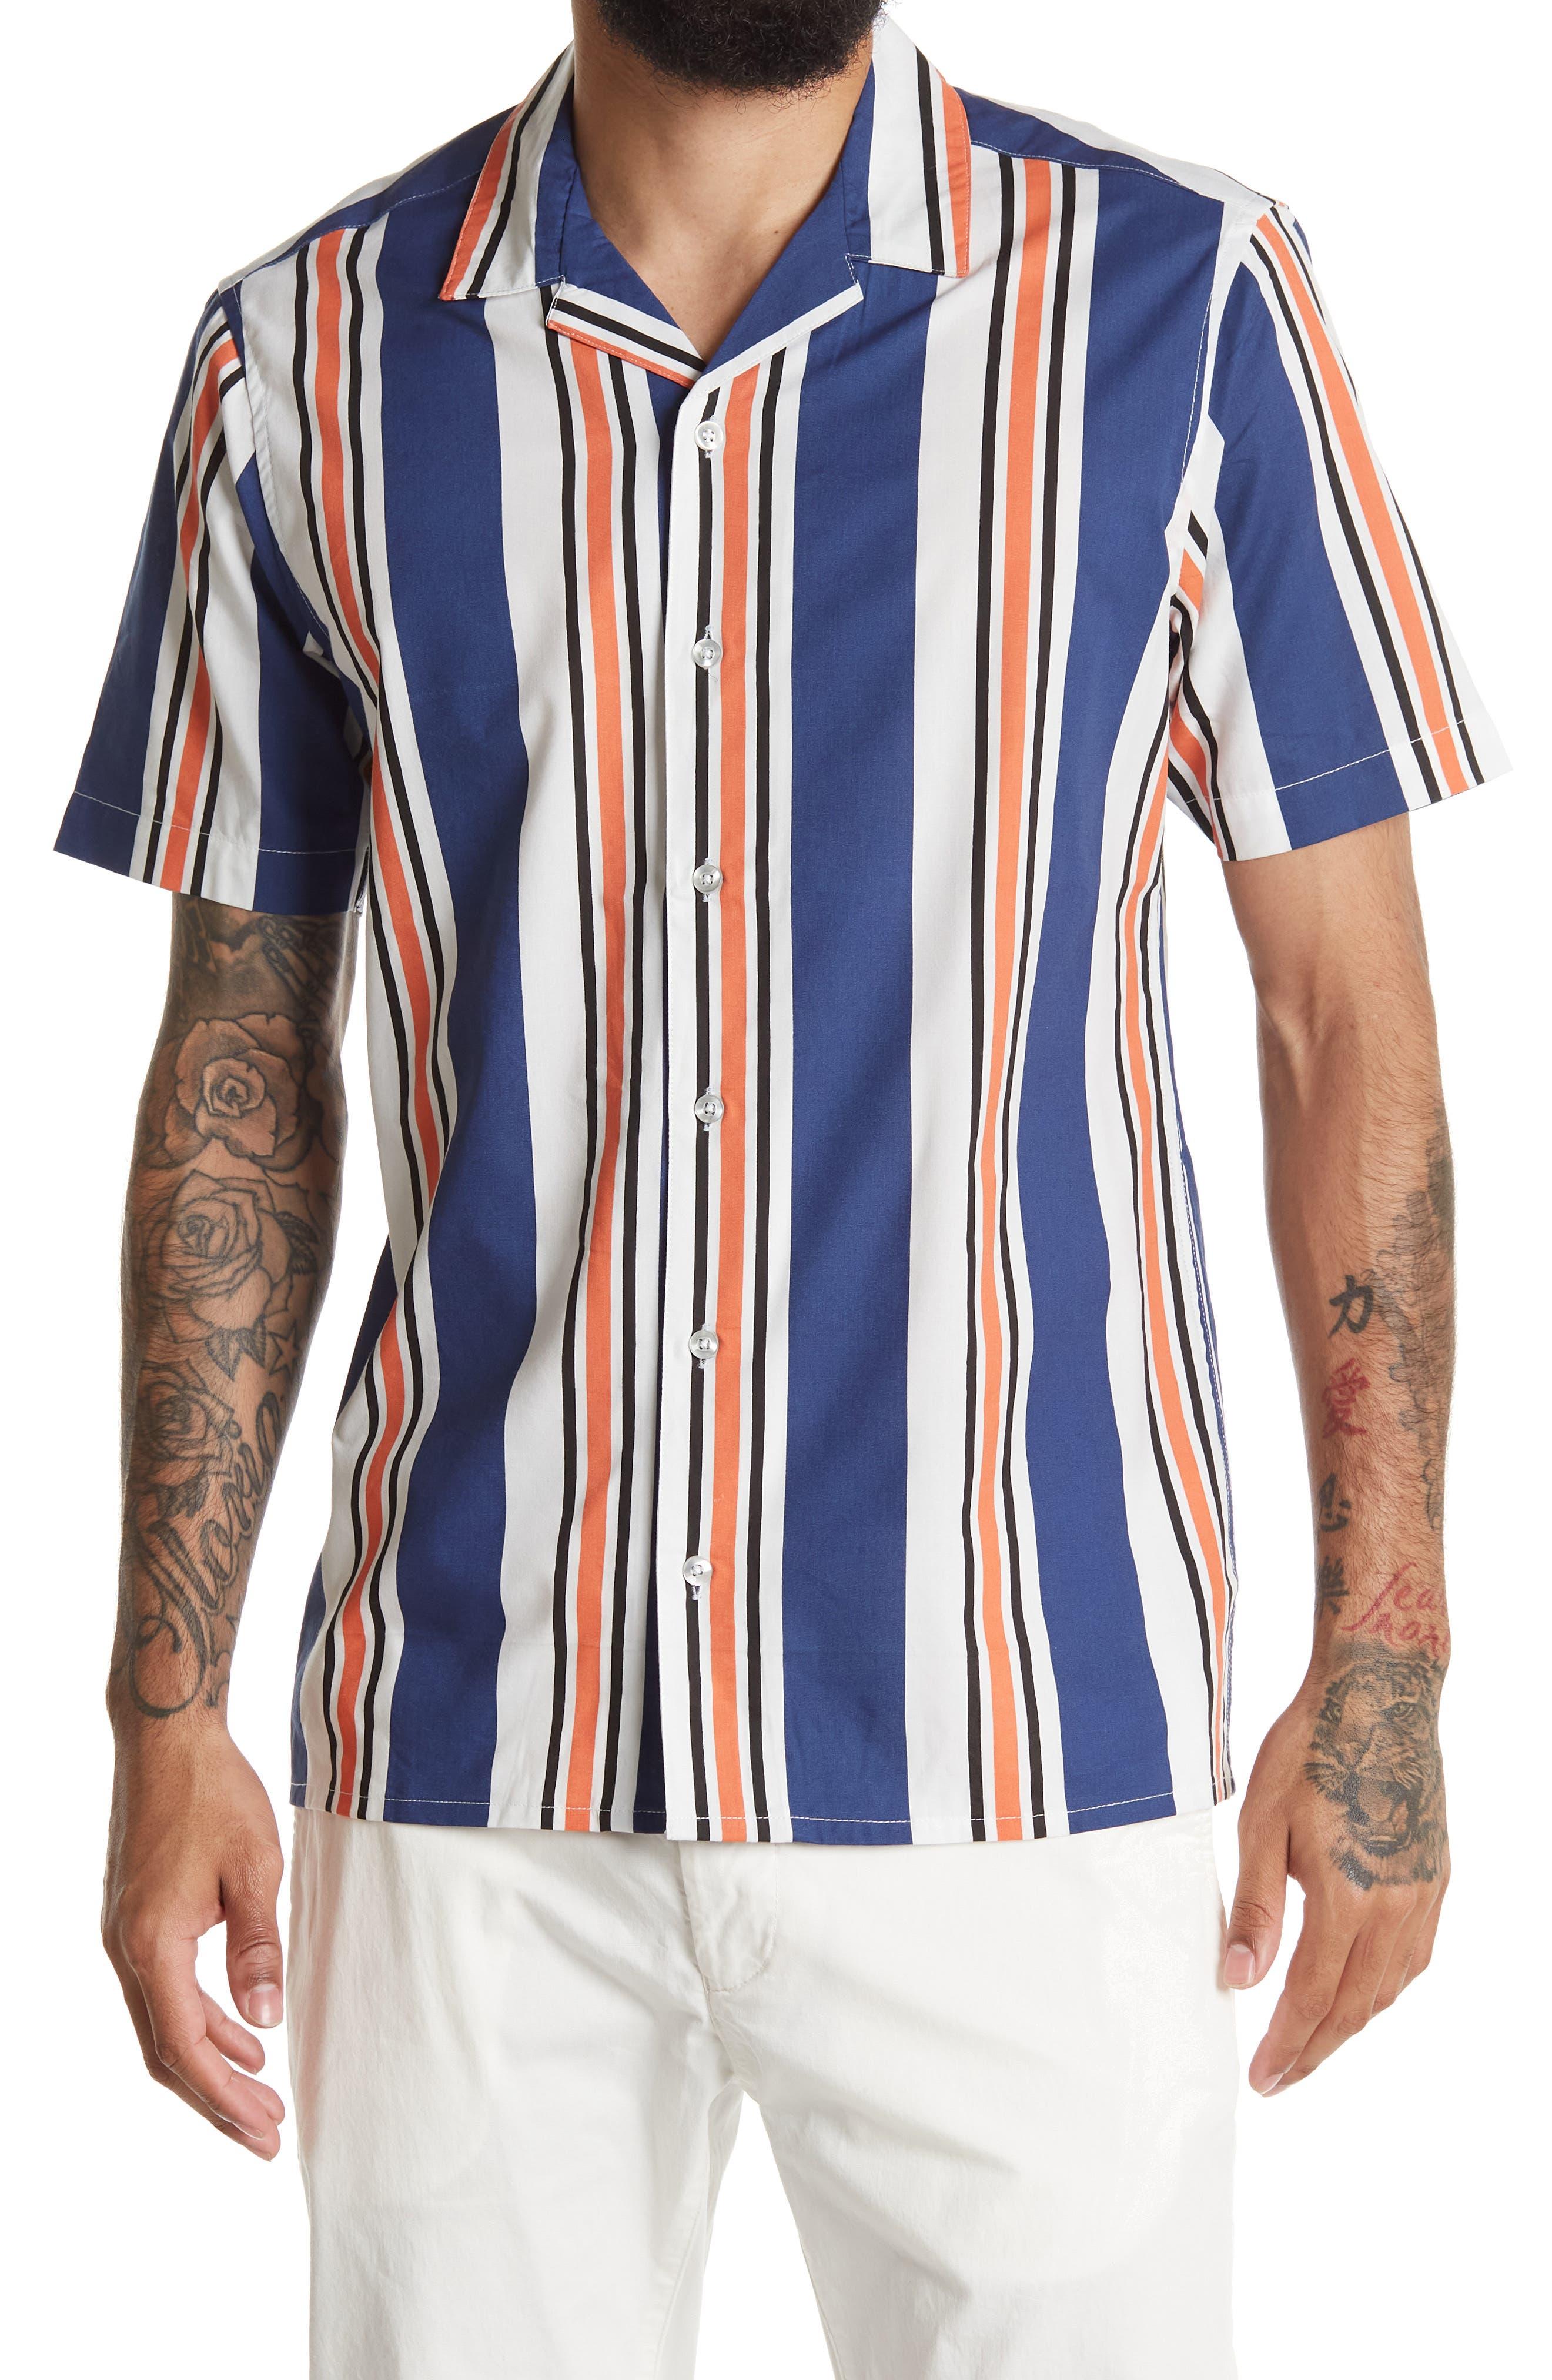 1960s Men's Clothing Burnside Stripe Print Regular Fit Shirt Size XL - Ecru at Nordstrom Rack $19.97 AT vintagedancer.com